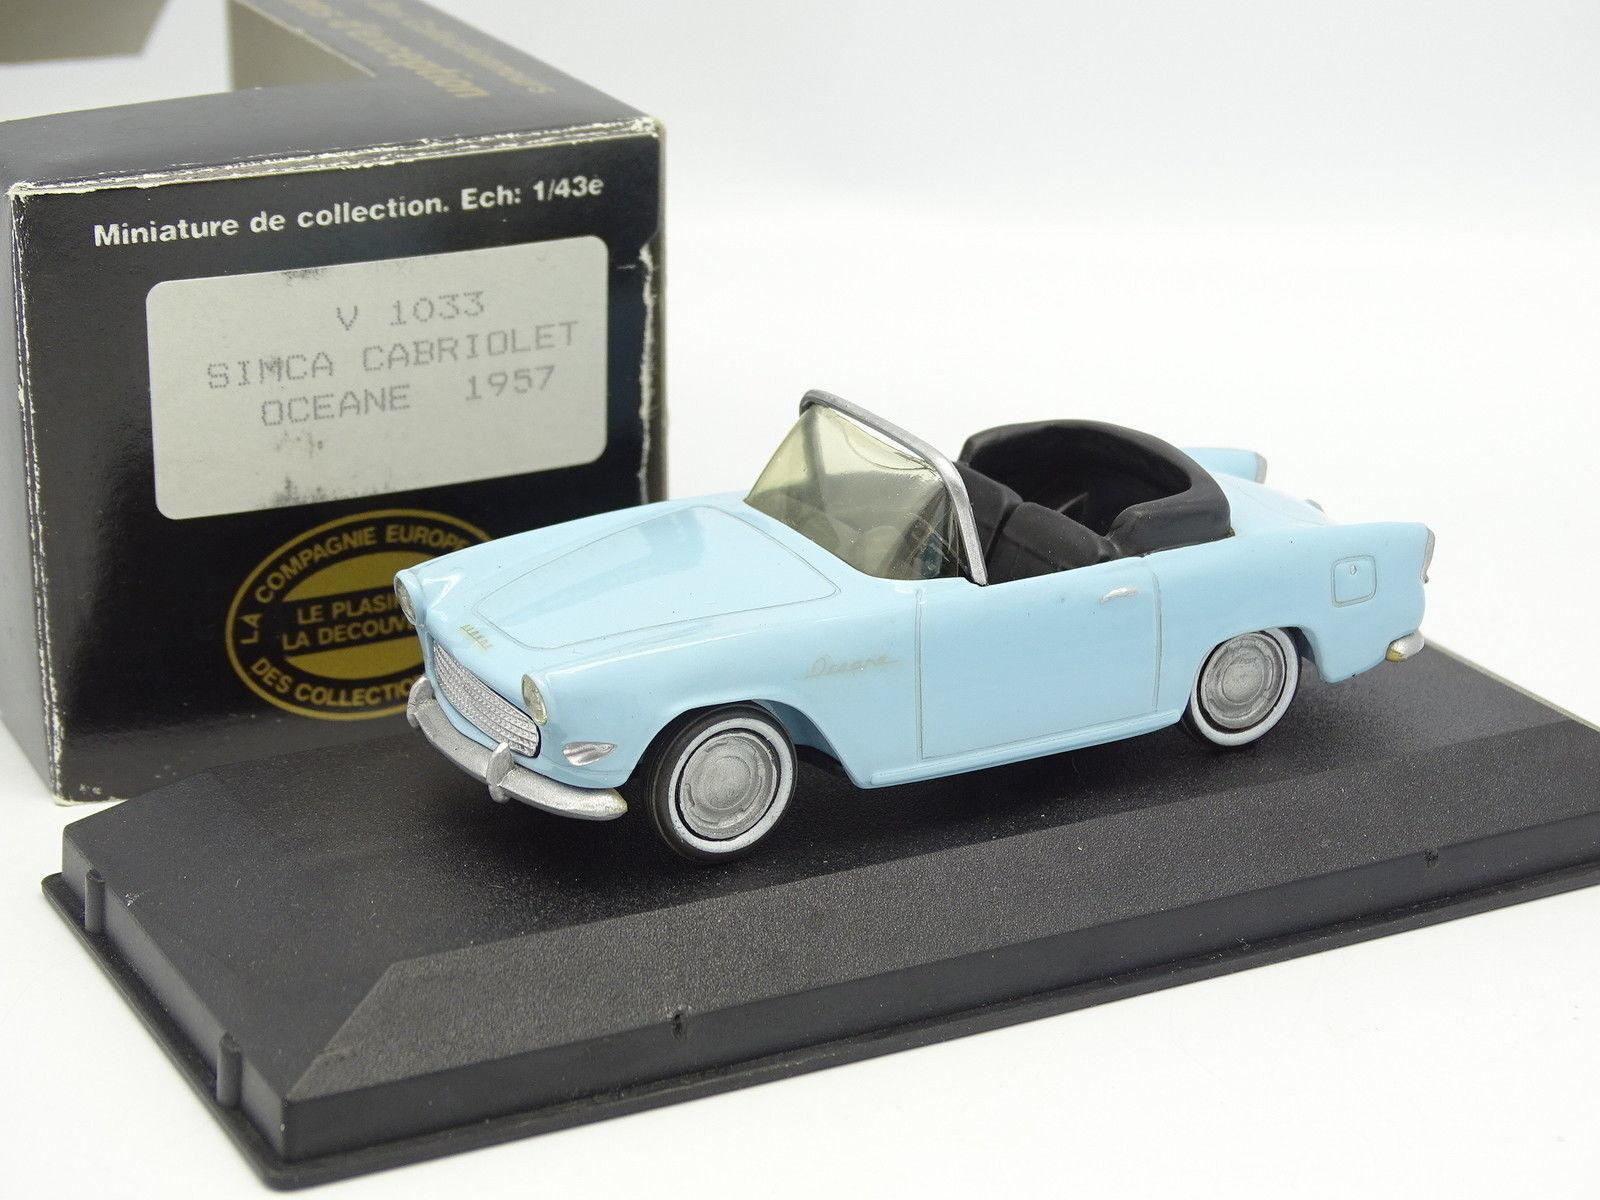 más descuento Estrellater N7 Provence Resina 1 43 43 43 - Simca Oceane 1957 Azul By Cec  barato